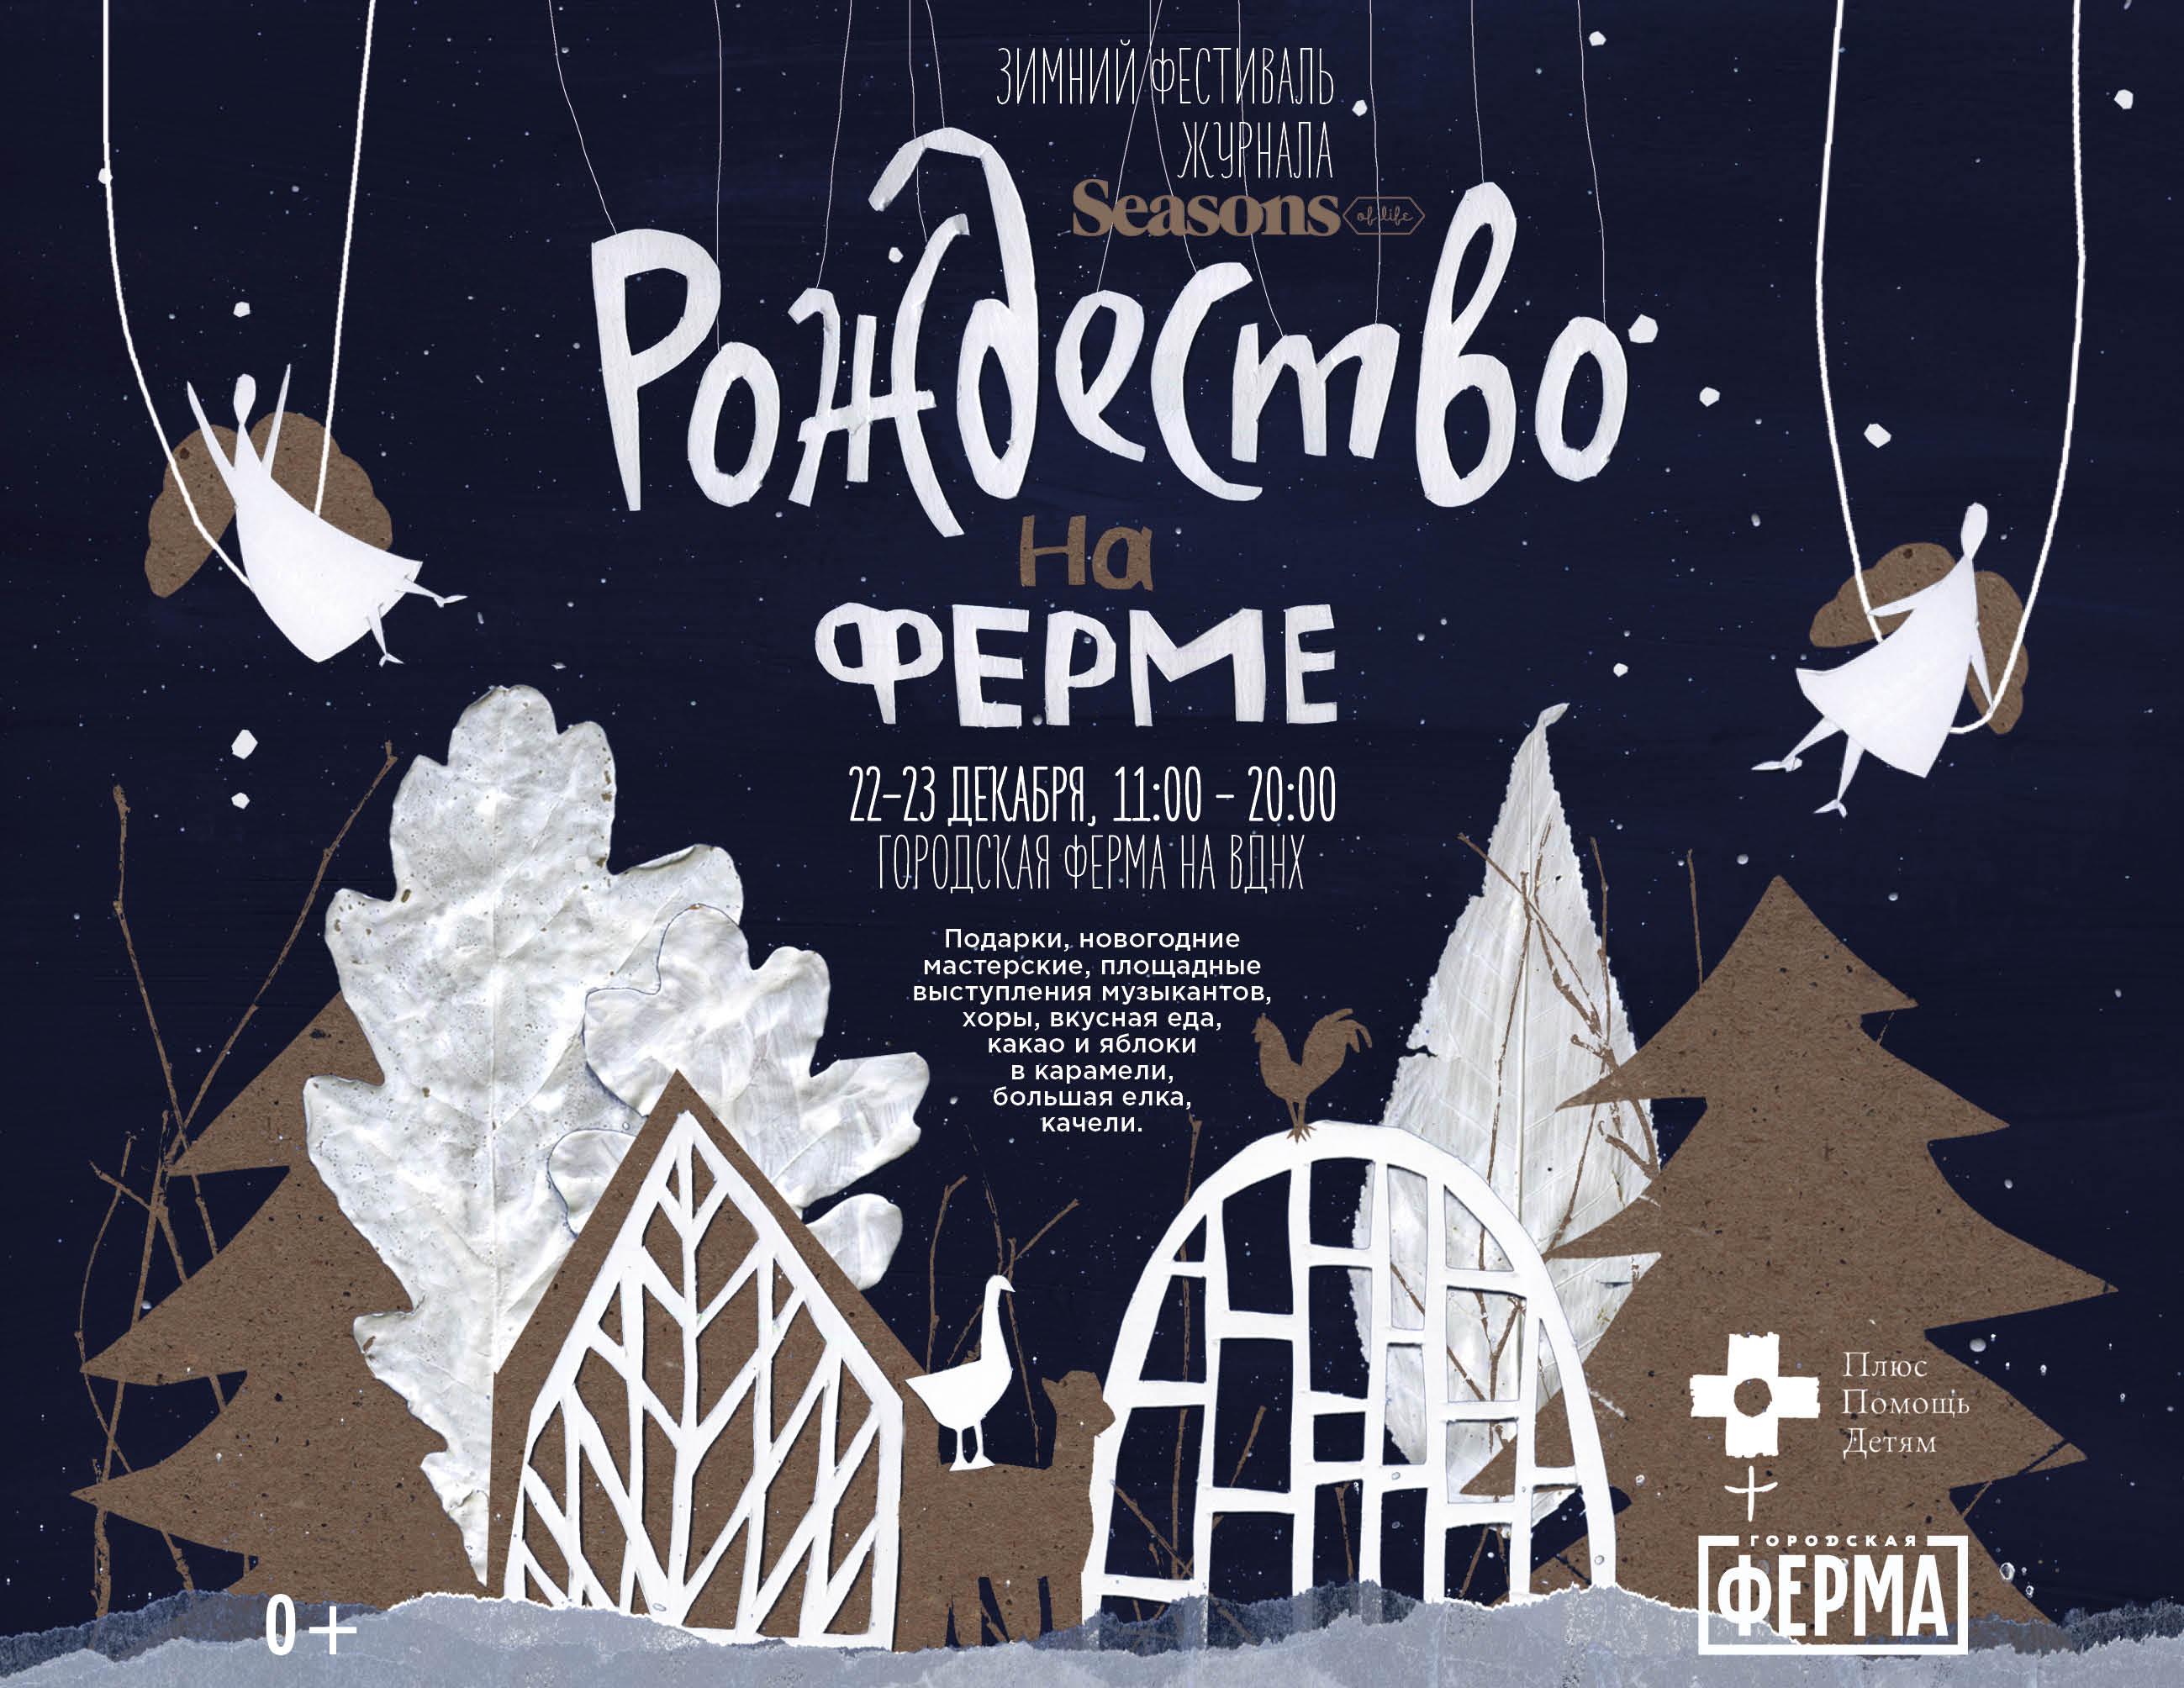 Зимний фестиваль Seasons